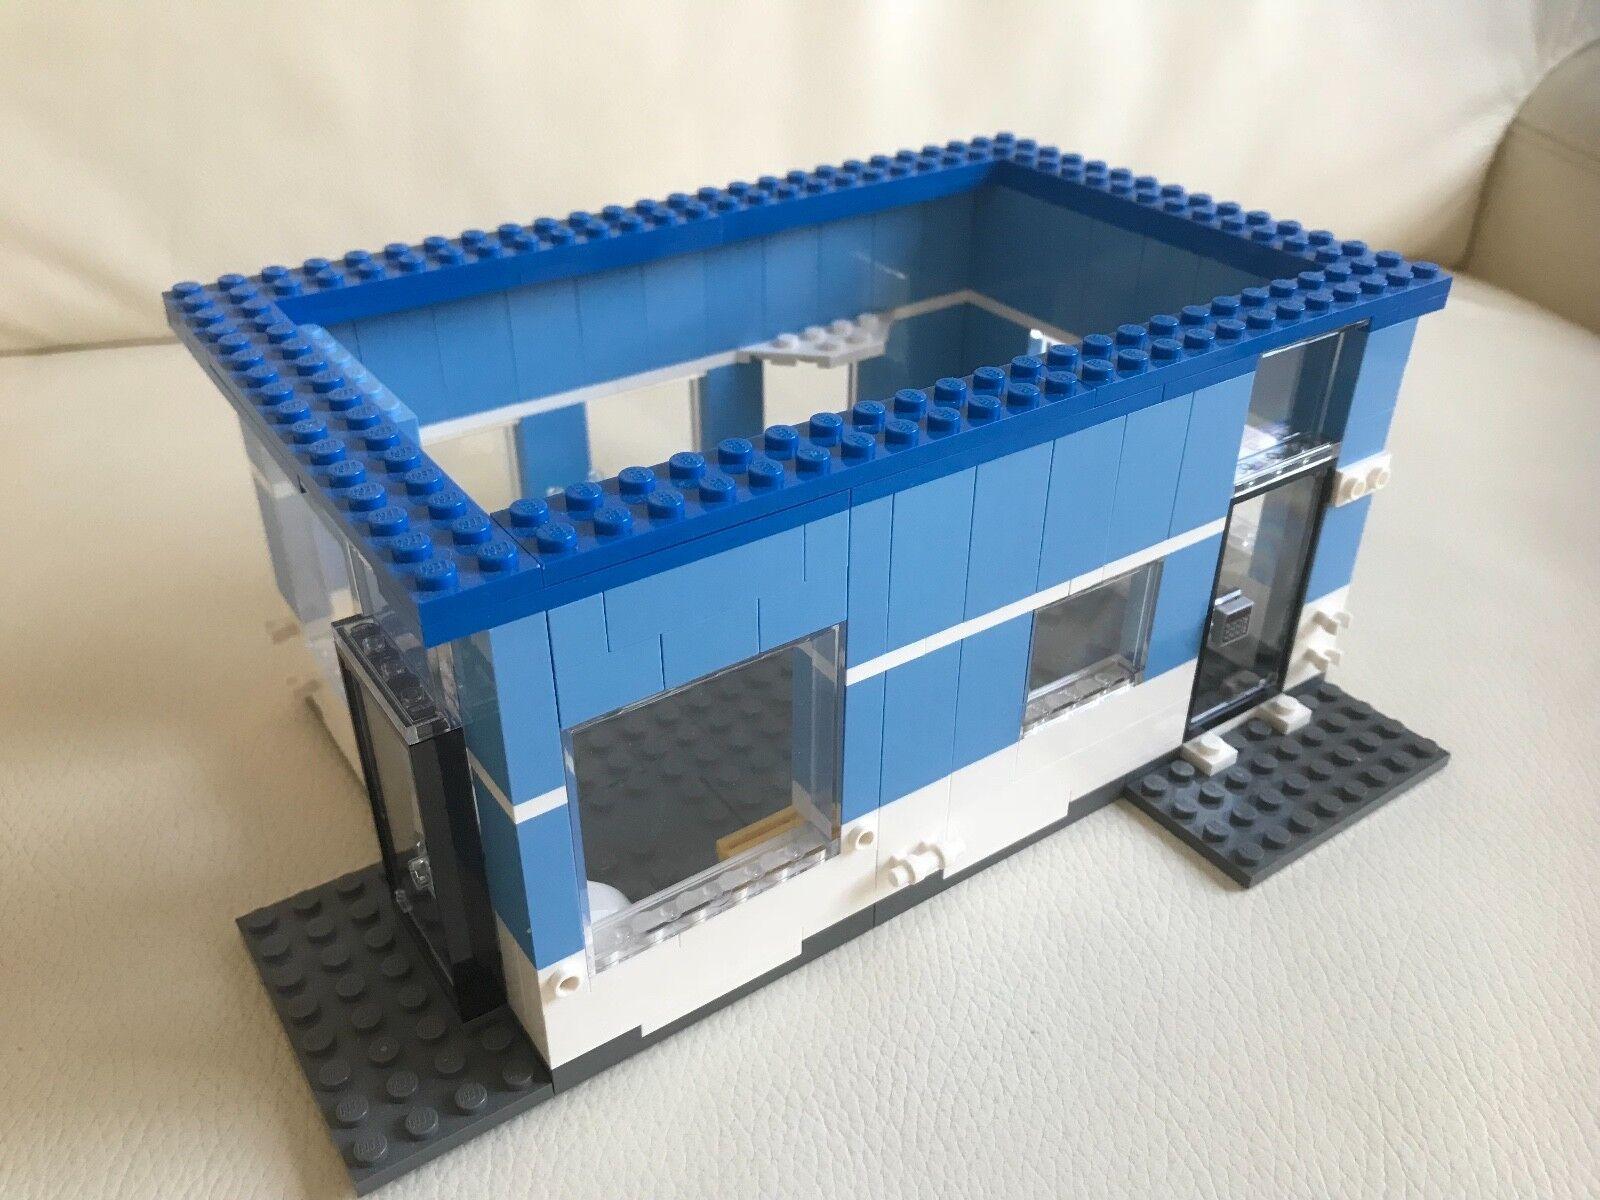 Lego Shop Jouable Office Original Parts Building rCdxBoe